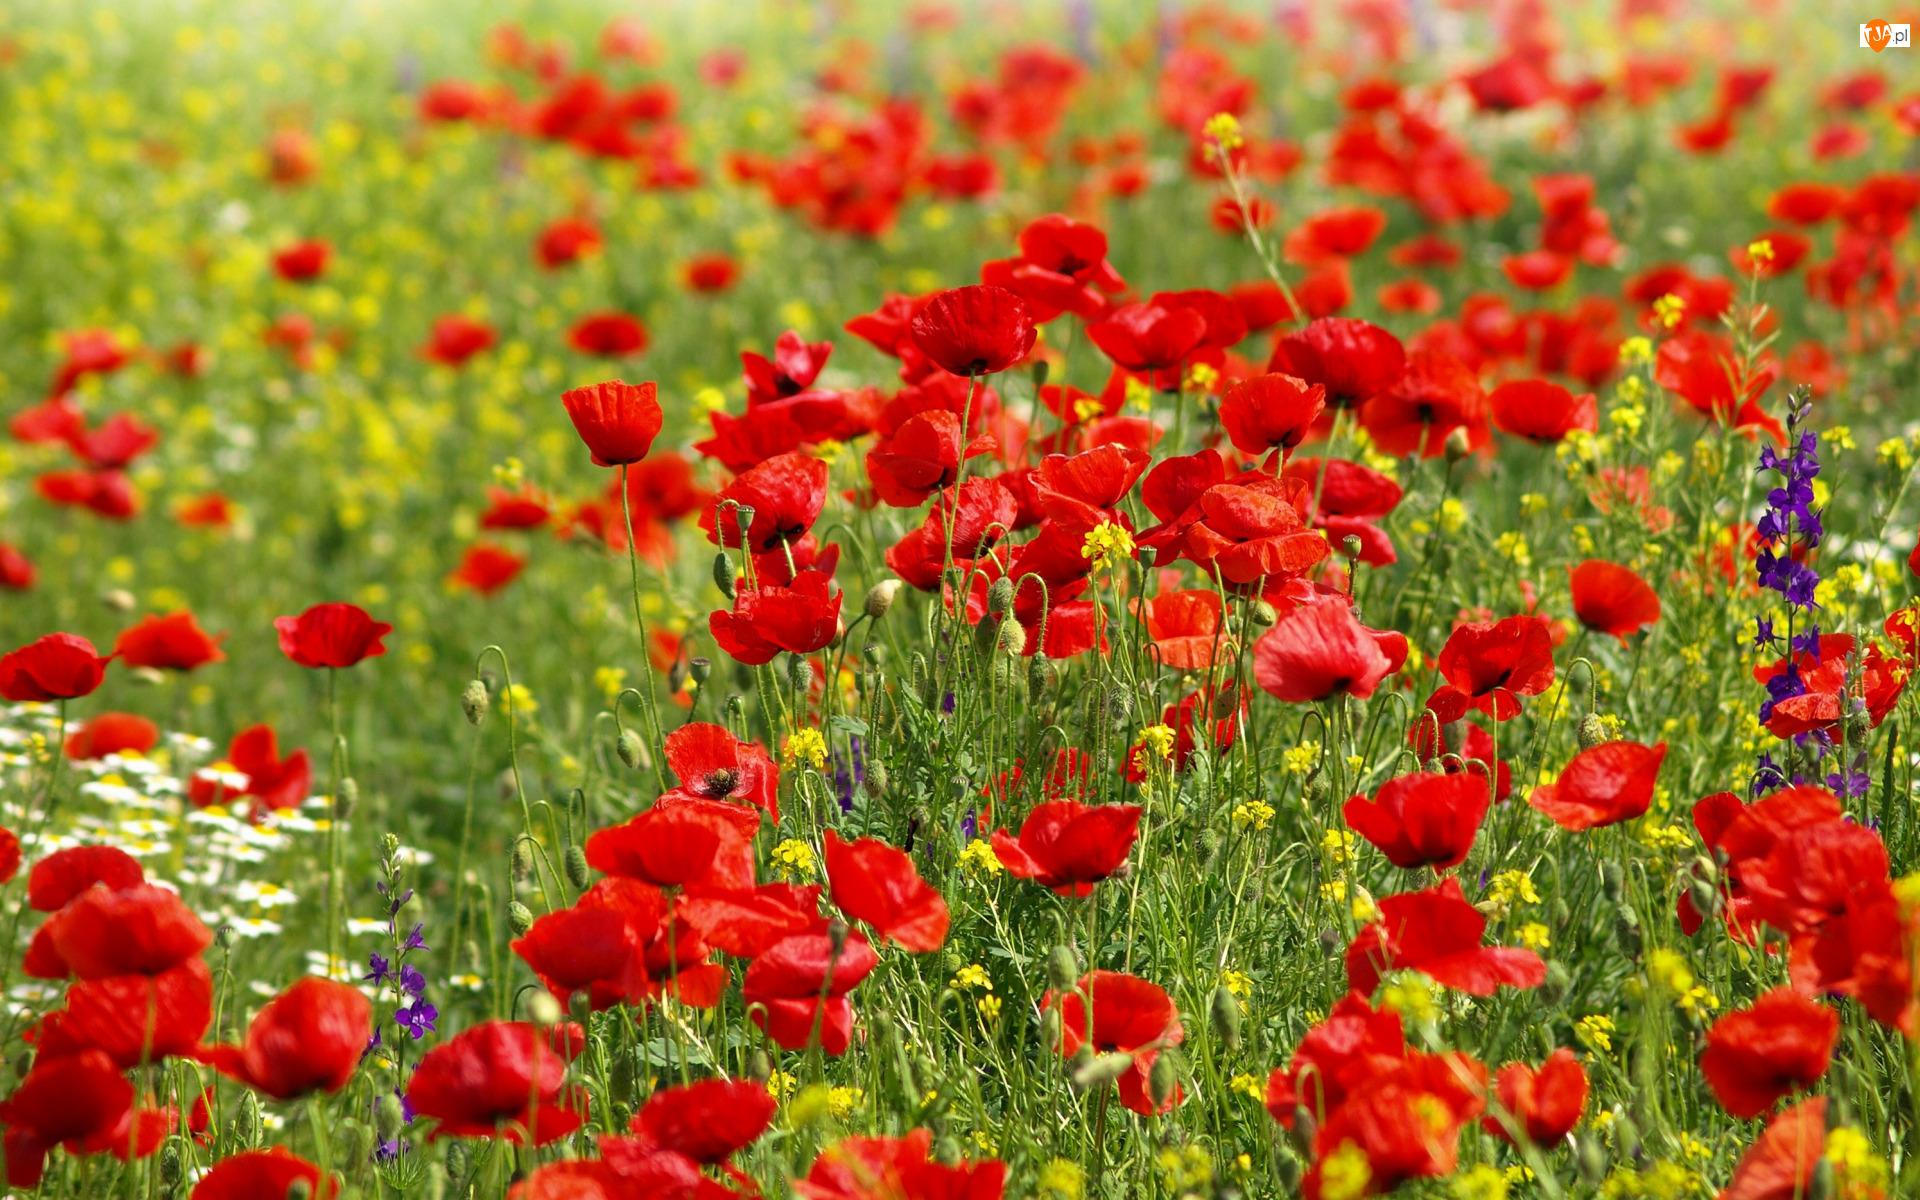 Maki, Kwiaty, Czerwone, Łąka, Polne